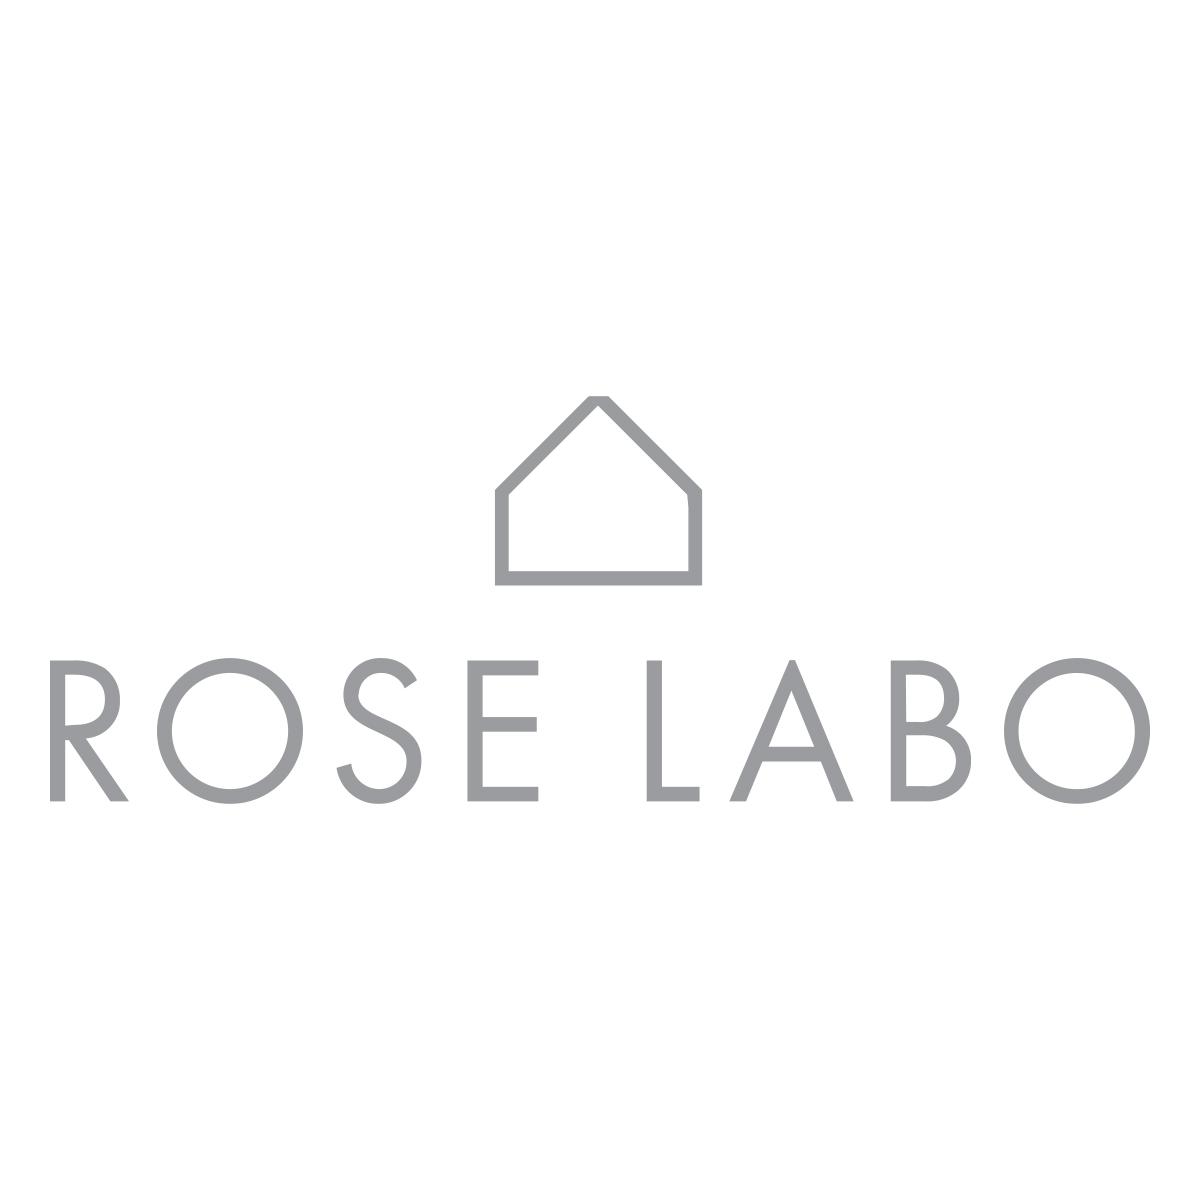 ROSE LABO株式会社のロゴ